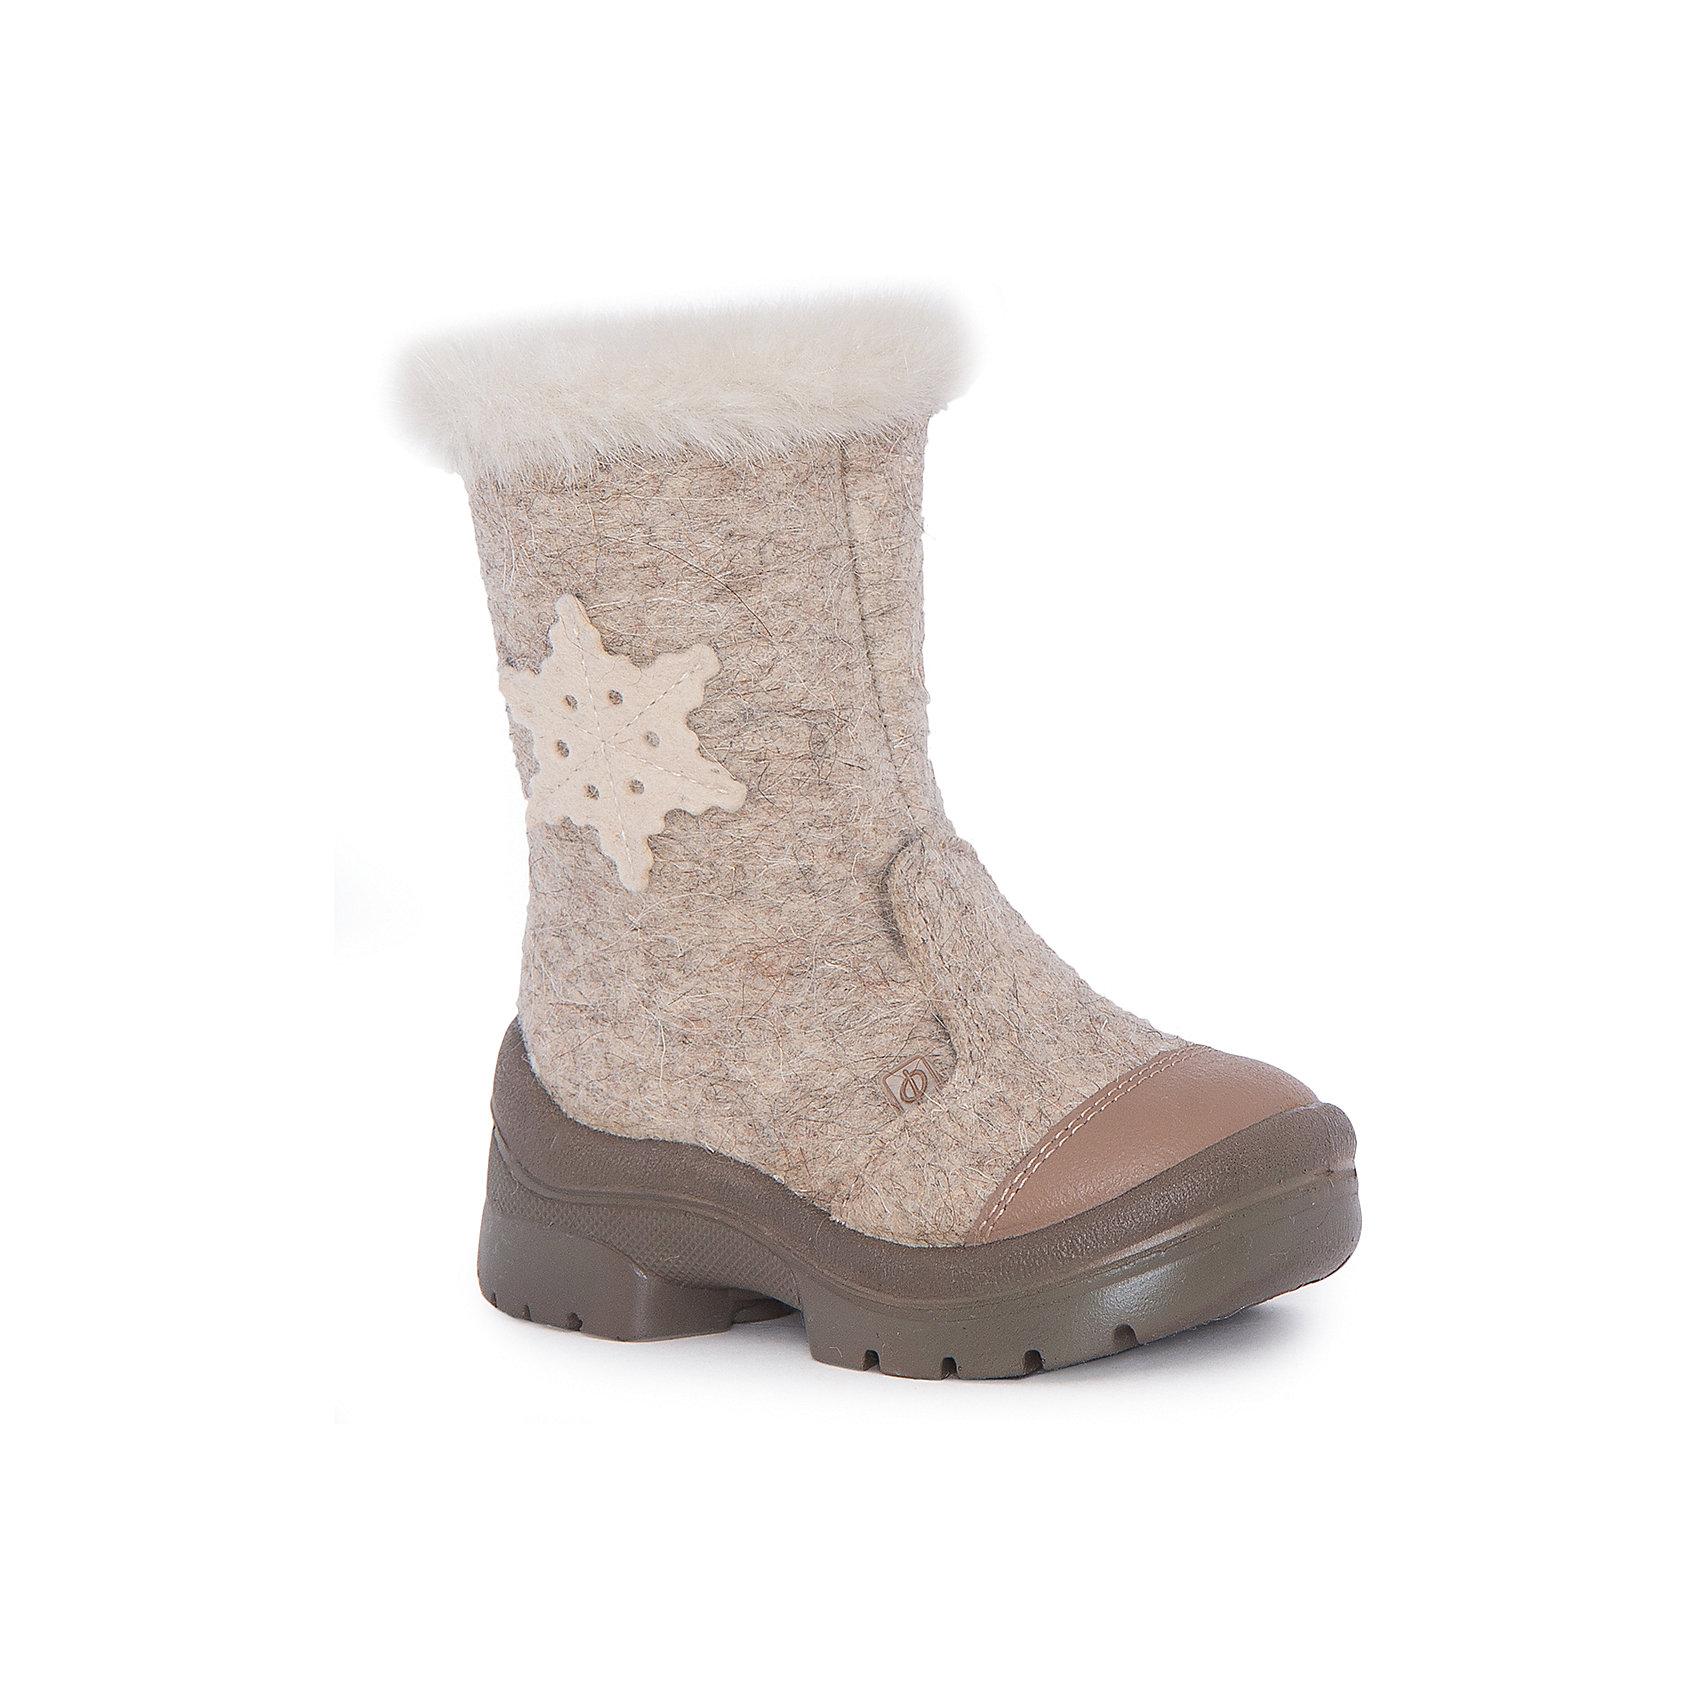 Валенки Молочный шоколад для девочки ФилипокВаленки<br>Характеристики товара:<br><br>• цвет: бежевый<br>• температурный режим: от -5° С до -30° С<br>• внешний материал: эко-войлок (натуральная шерсть)<br>• подкладка: натуральная овечья шерсть<br>• стелька: шерстяной войлок (3,5 мм)<br>• подошва: литая, полиуретан<br>• декорированы аппликацией и опушкой<br>• подошва с анти скользящей с системой протектора anti slip<br>• застежка: молния<br>• защита носка - натуральная кожа с износостойкой пропиткой<br>• усиленная пятка<br>• толстая устойчивая подошва<br>• страна бренда: РФ<br>• страна изготовитель: РФ<br><br>Очень теплые и удобные валенки для ребенка от известного бренда детской обуви Филипок созданы специально для русской зимы. Качественные материалы с пропиткой против попадания воды внутрь и модный дизайн понравятся и малышам и их родителям. Подошва и стелька обеспечат ребенку комфорт, сухость и тепло, позволяя в полной мере наслаждаться зимним отдыхом. Усиленная защита пятки и носка обеспечивает дополнительную безопасность детских ног в этих сапожках.<br>Эта красивая и удобная обувь прослужит долго благодаря отличному качеству. Производитель анти скользящее покрытие и амортизирующие свойства подошвы! Модель производится из качественных и проверенных материалов, которые безопасны для детей.<br><br>Валенки для девочки от бренда Филипок можно купить в нашем интернет-магазине.<br><br>Ширина мм: 257<br>Глубина мм: 180<br>Высота мм: 130<br>Вес г: 420<br>Цвет: бежевый<br>Возраст от месяцев: 21<br>Возраст до месяцев: 24<br>Пол: Женский<br>Возраст: Детский<br>Размер: 24,31,25,30,32,29,28,27,26<br>SKU: 4207378